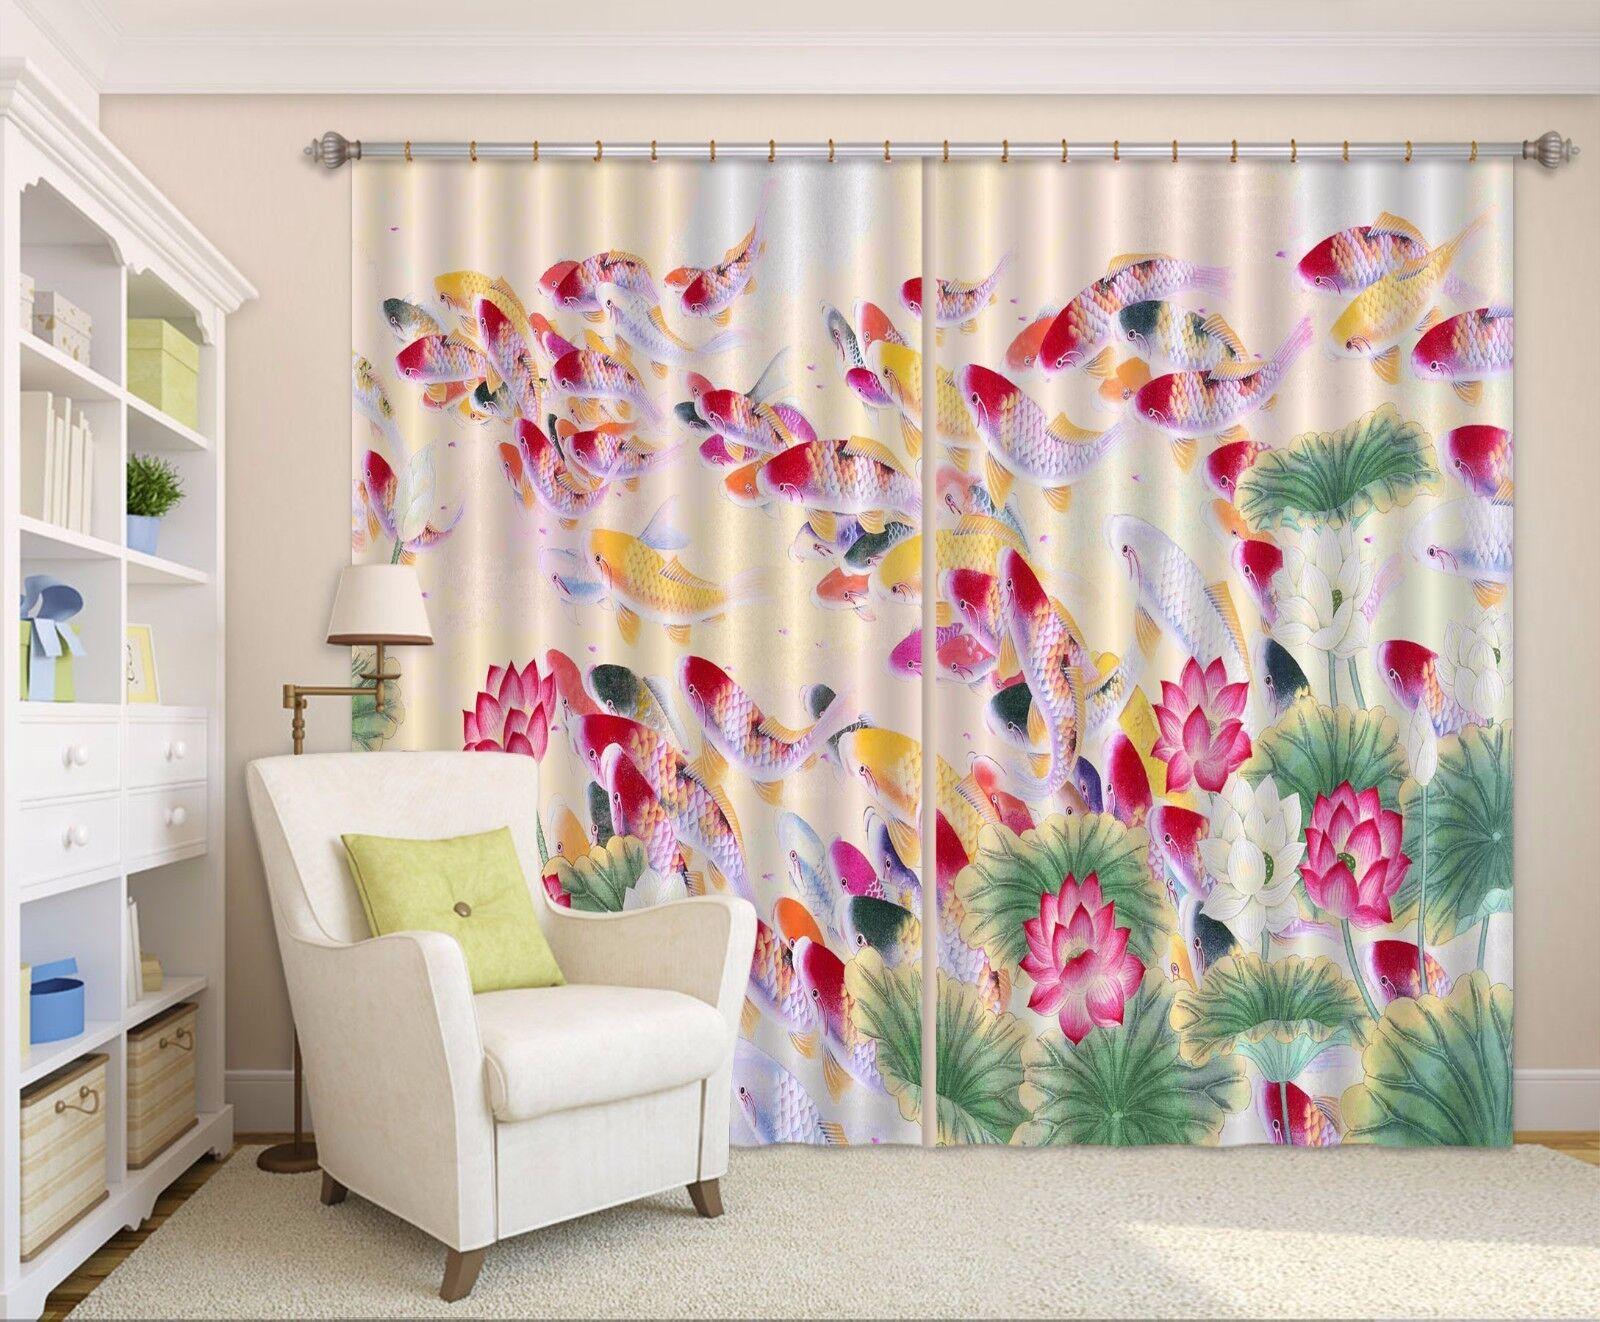 3D rojo Carp Lotus Pond 5 Blockout Photo Curtain Printing Drapes Fabric Window CA